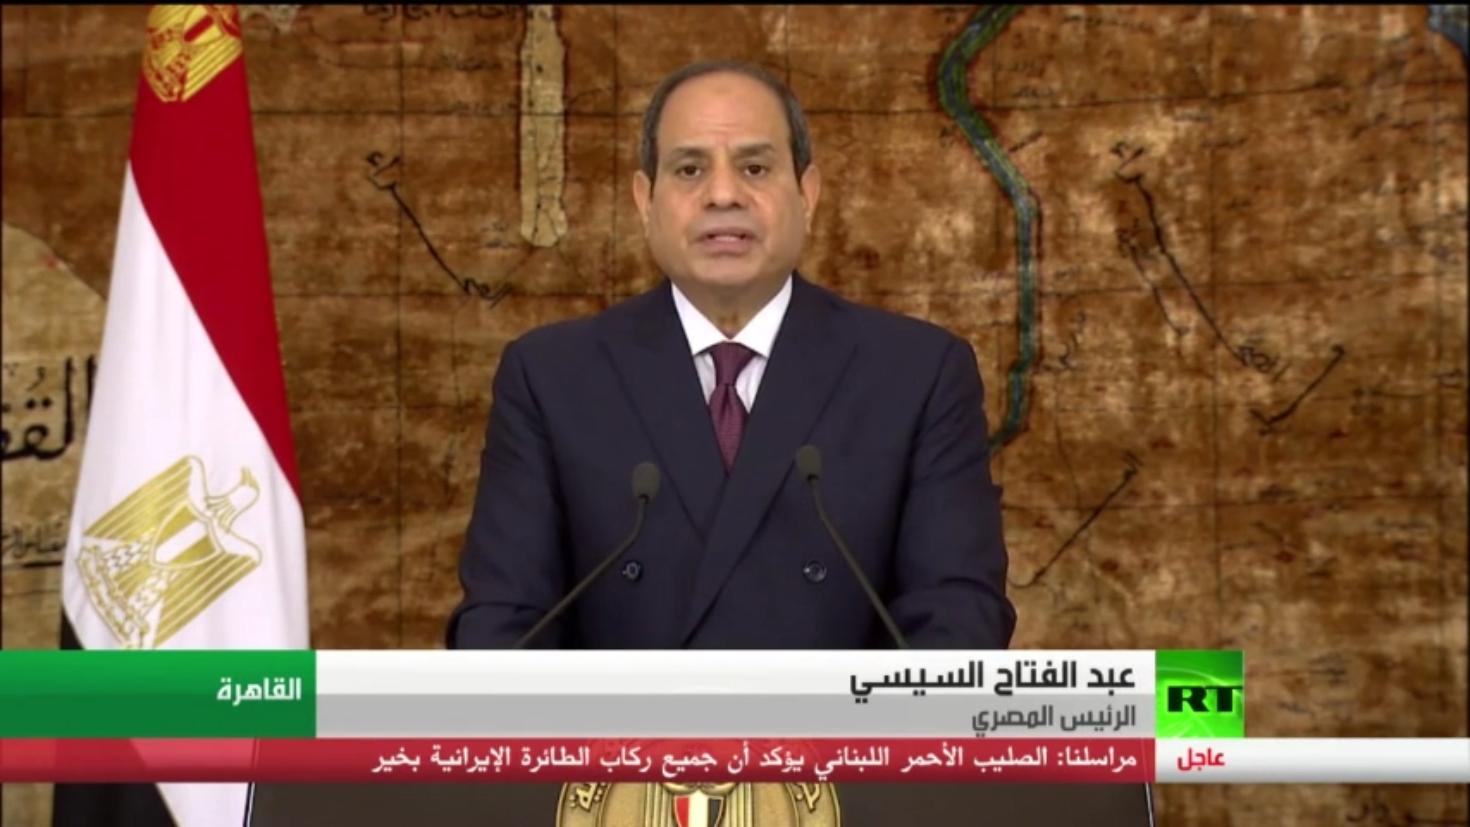 مصر واليونان تحذران من التدخلات في ليبيا